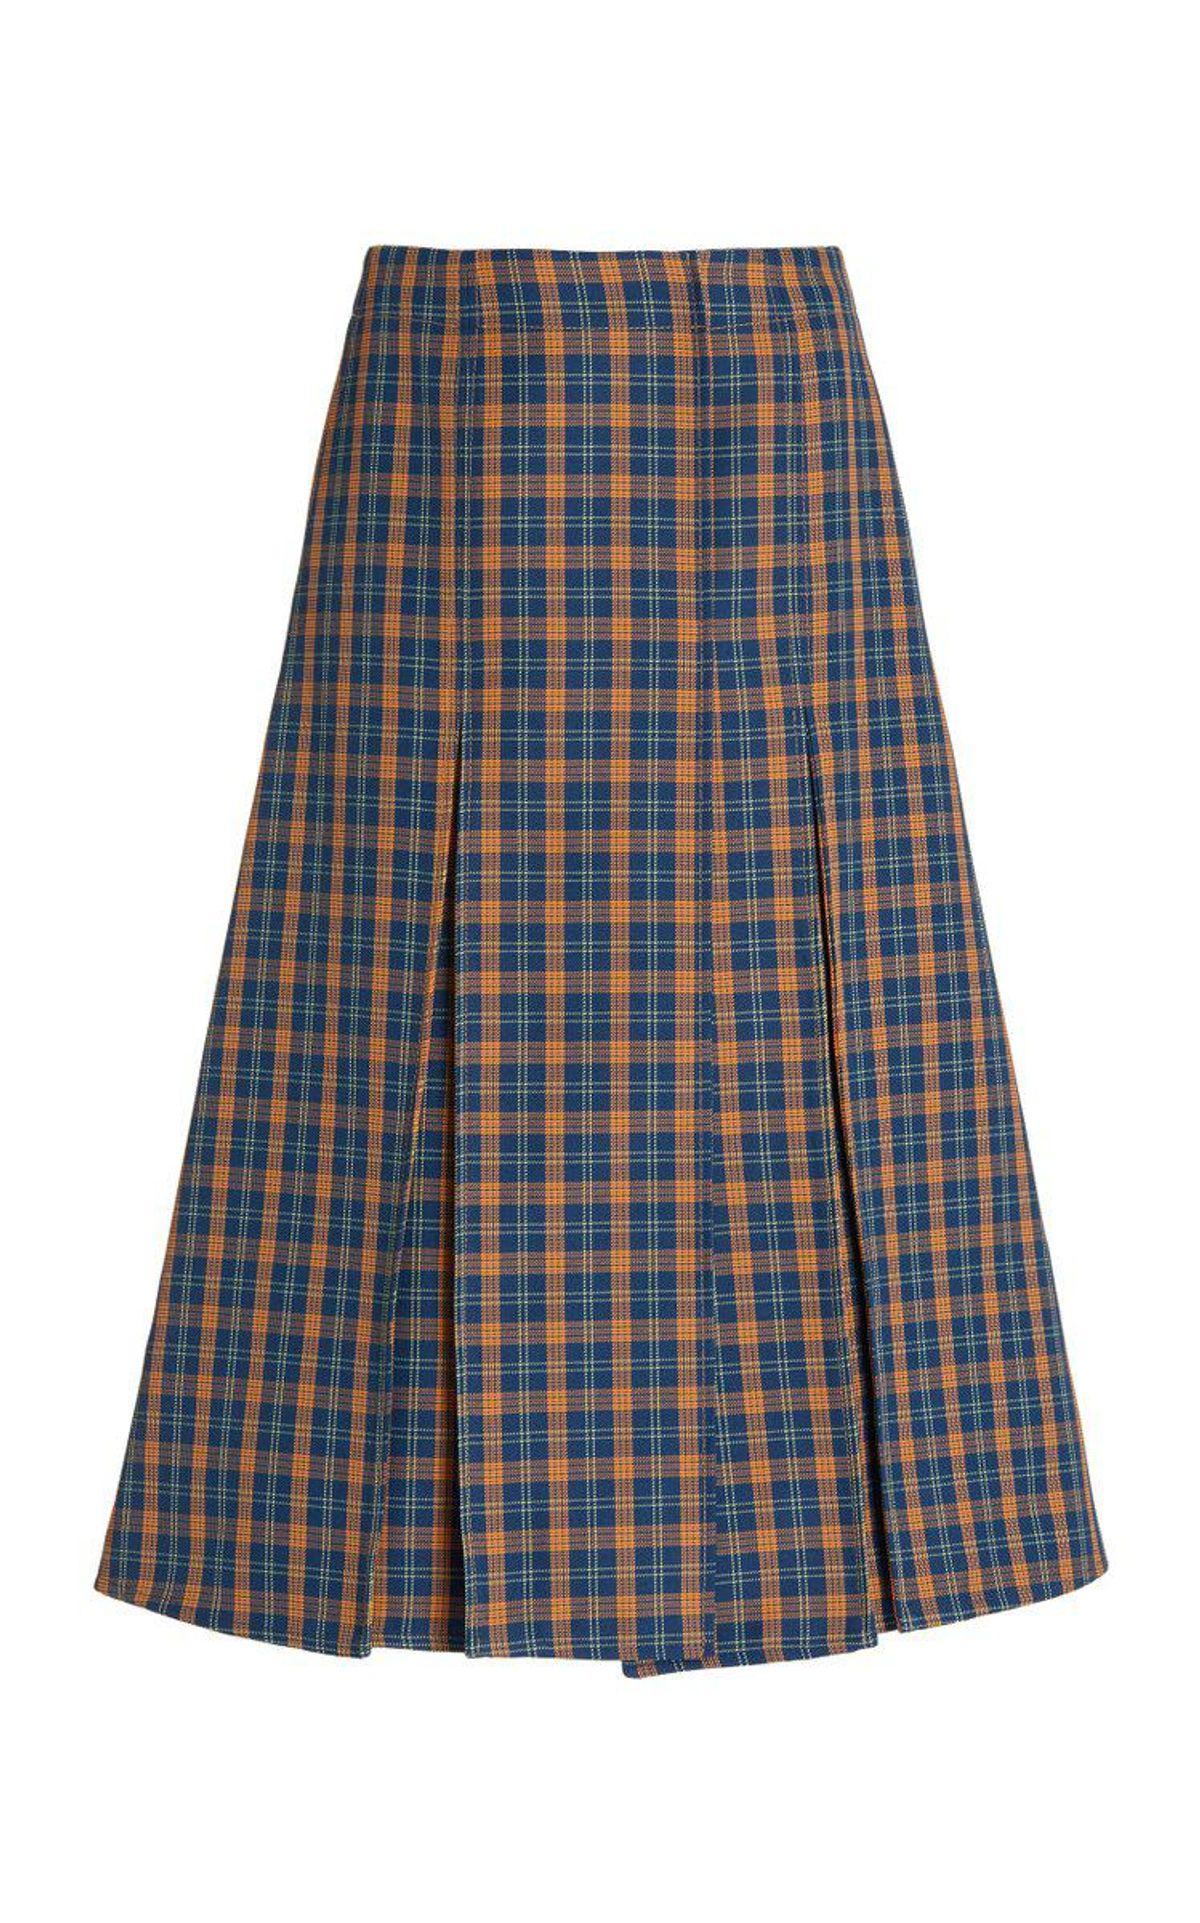 Hanover Boxpleat Skirt